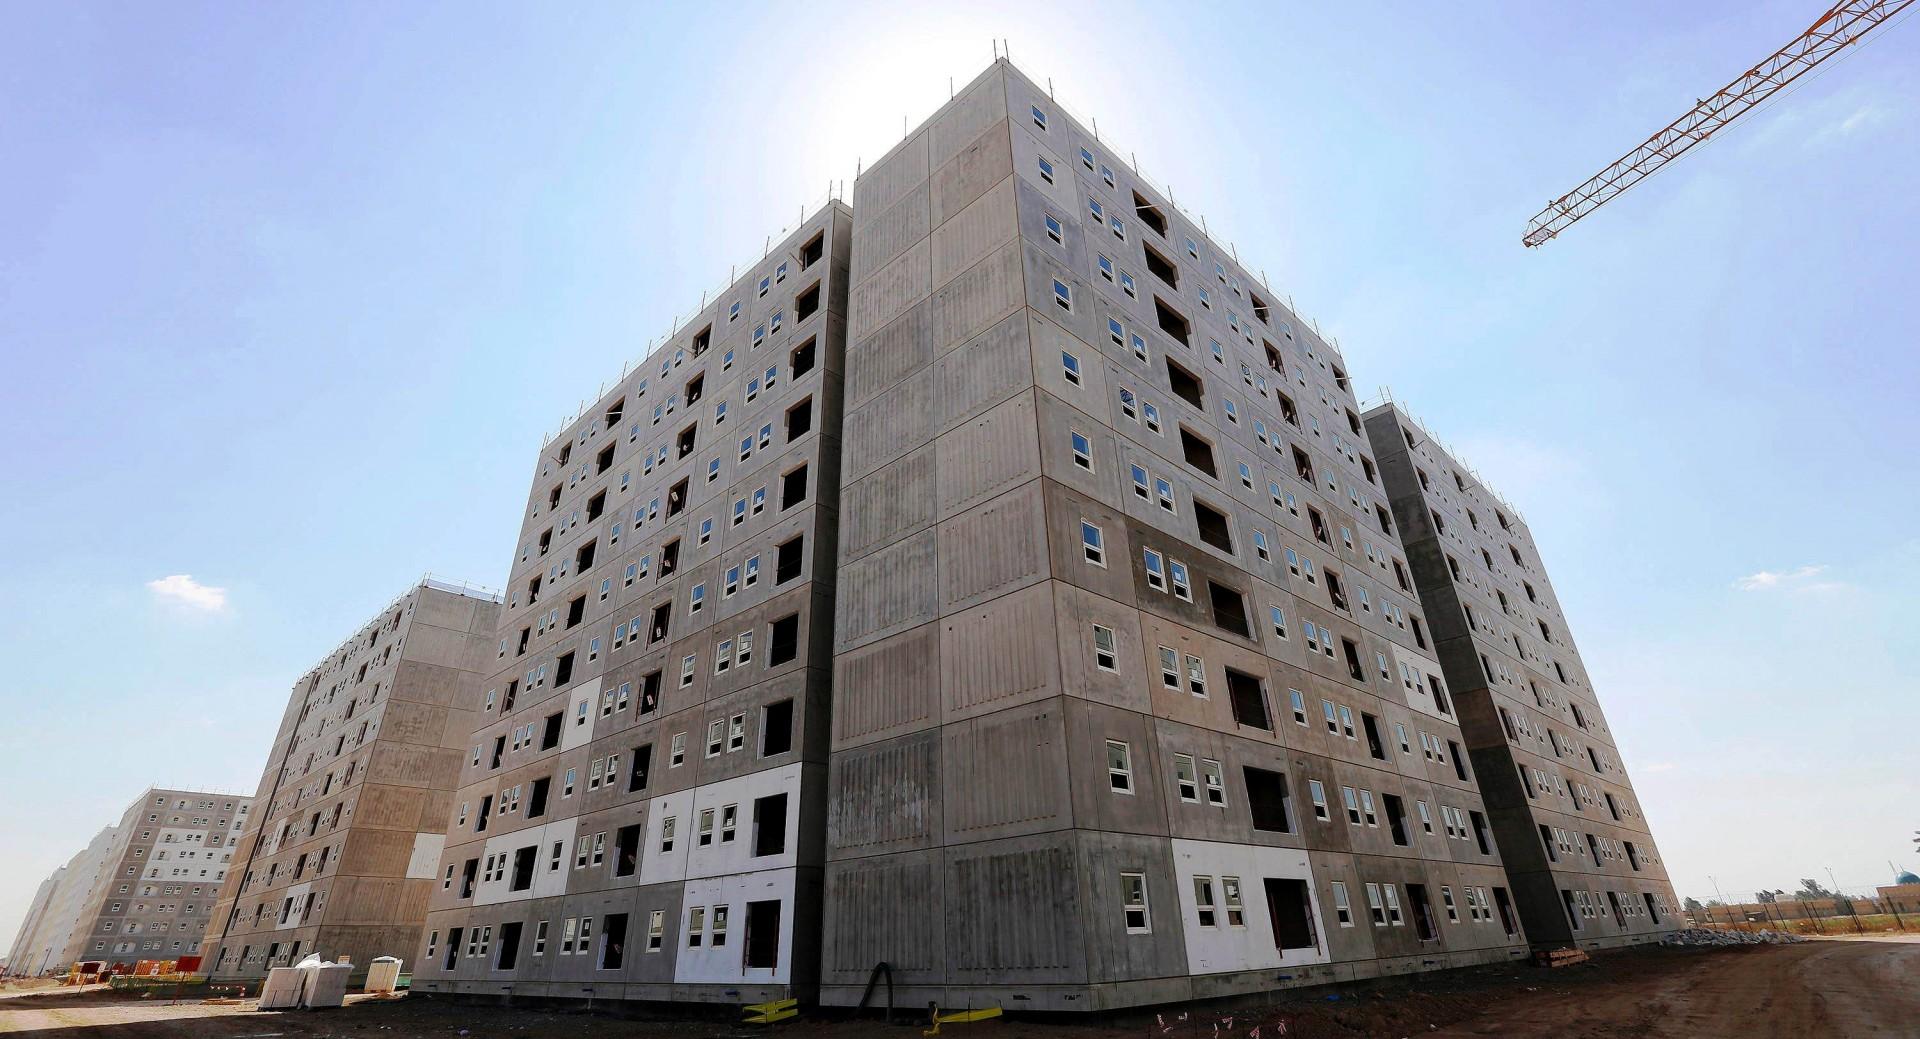 Na produção de unidades habitacionais em larga escala, só a construção industrializada consegue atender a demanda. Crédito: Reuters